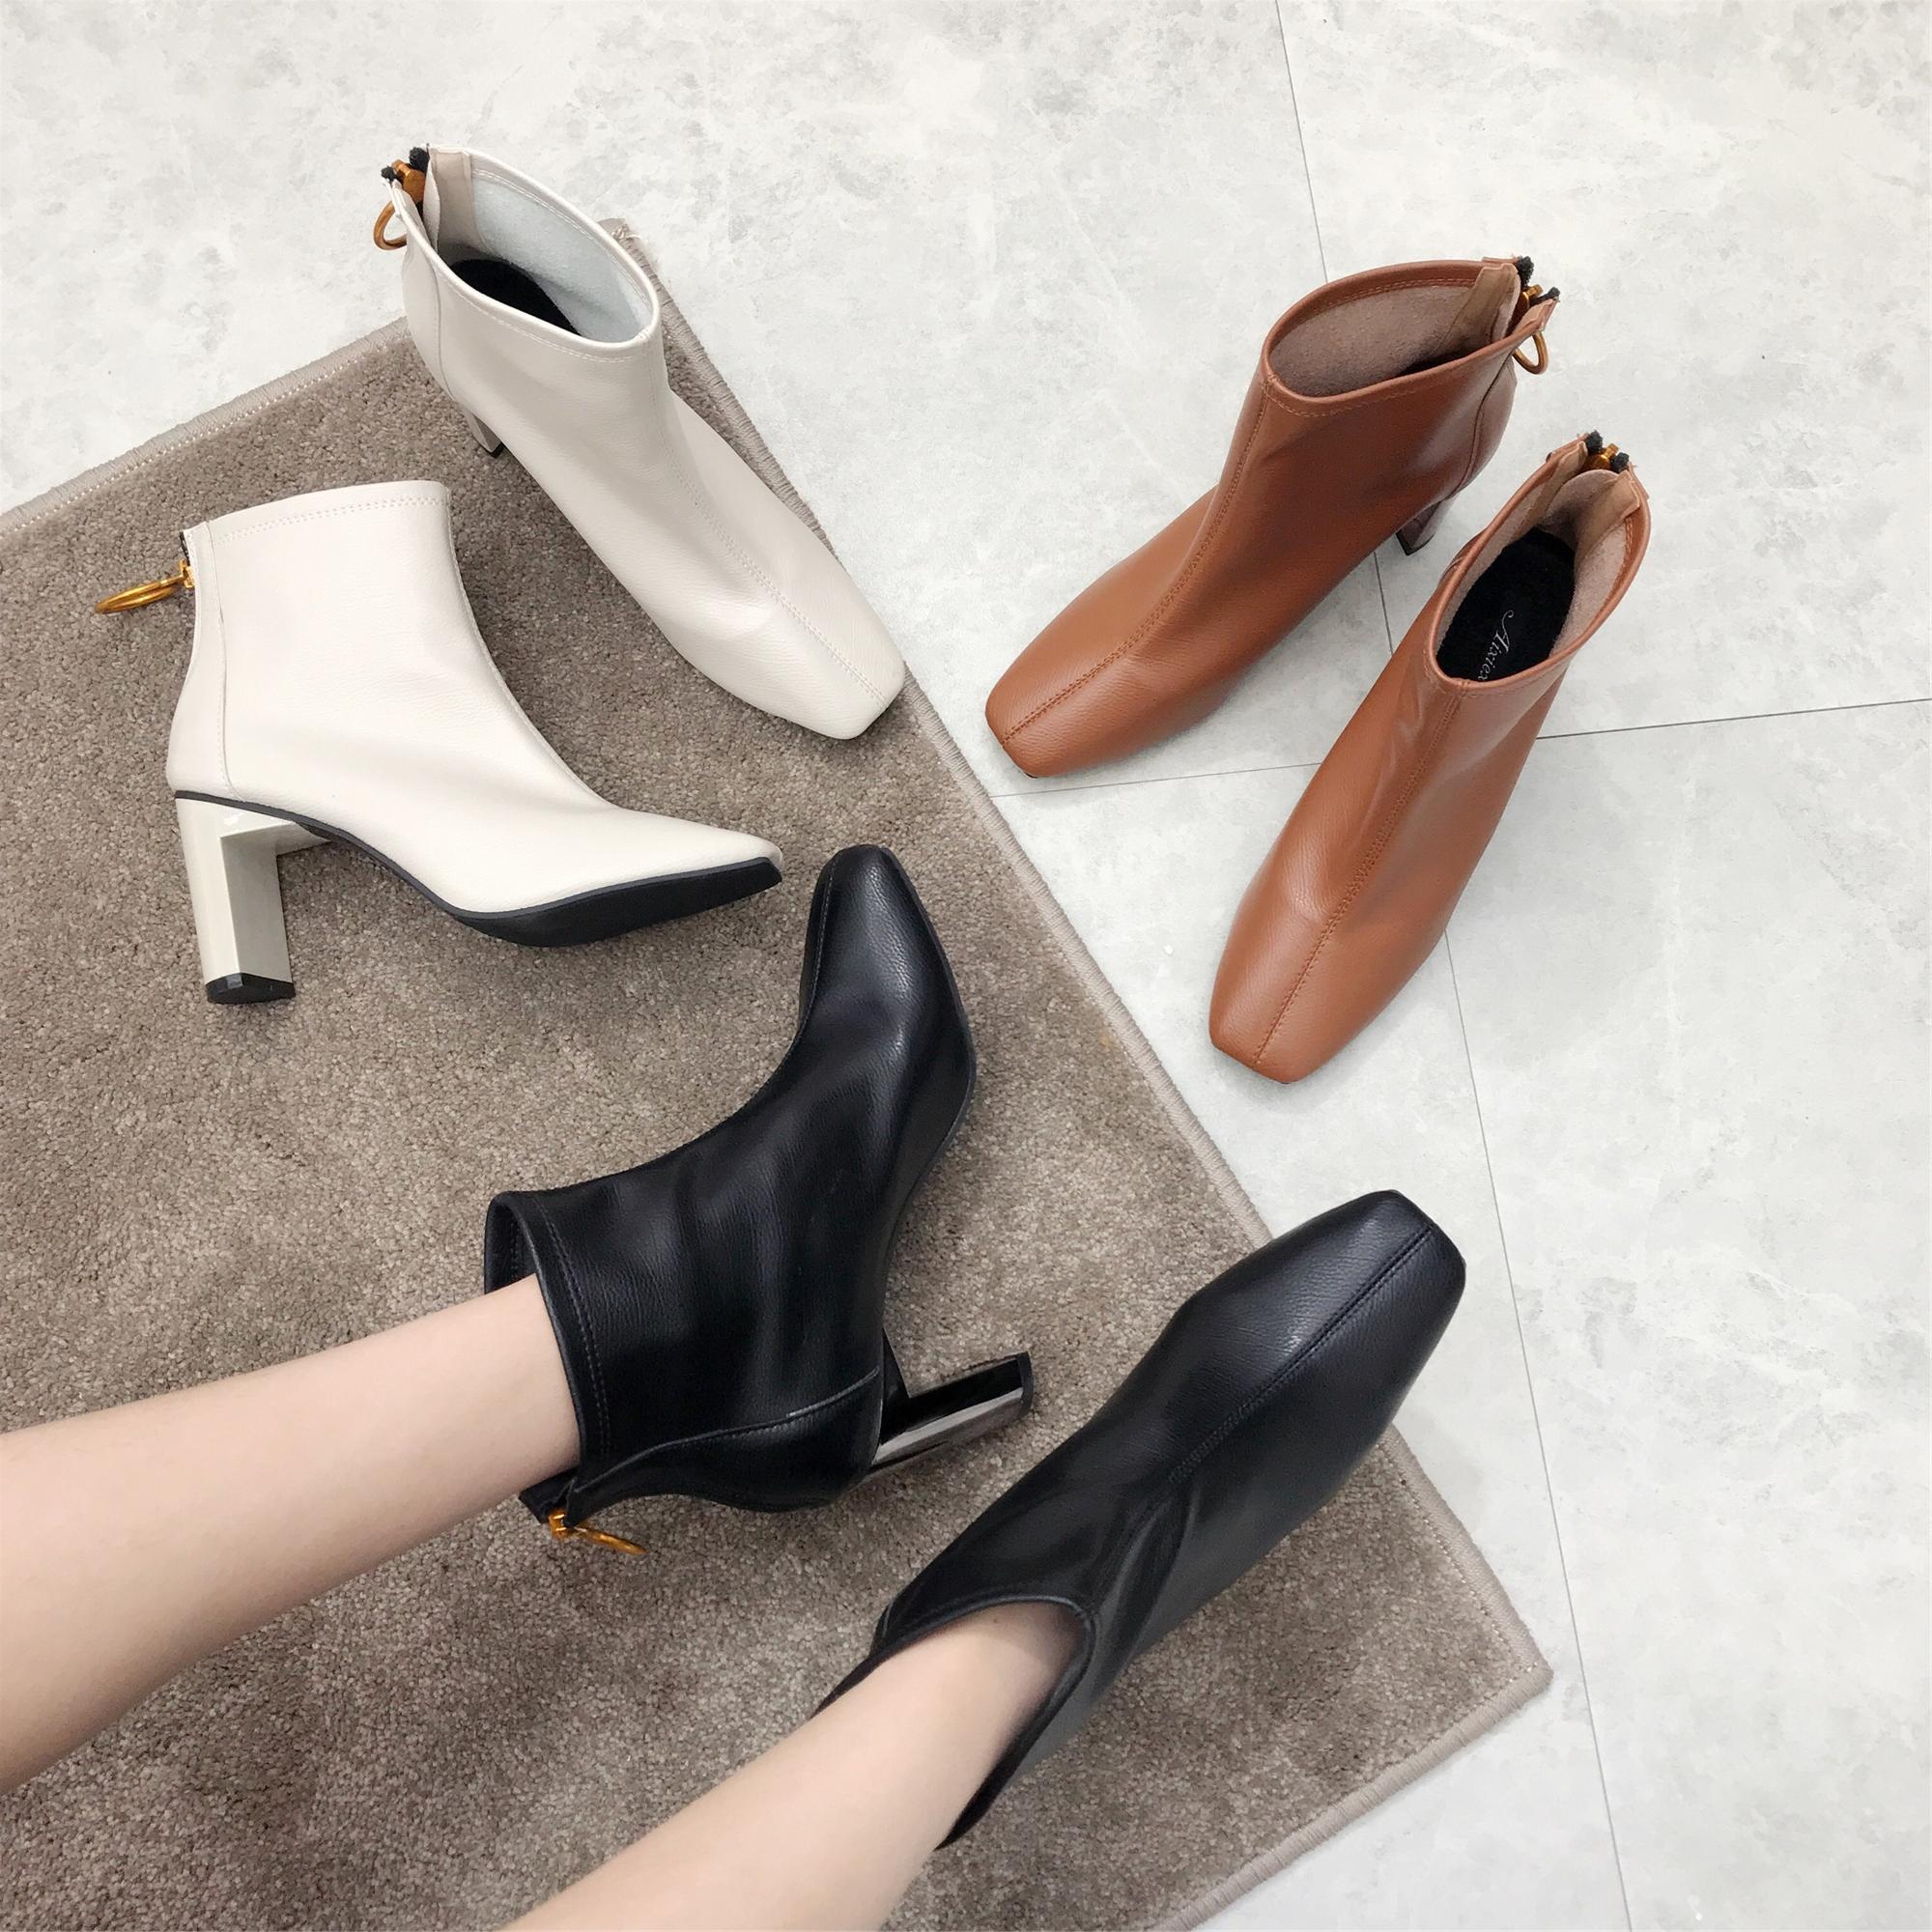 17秋冬款欧美风真皮方头粗跟靴潮流女鞋高跟后拉链短靴复古马丁靴